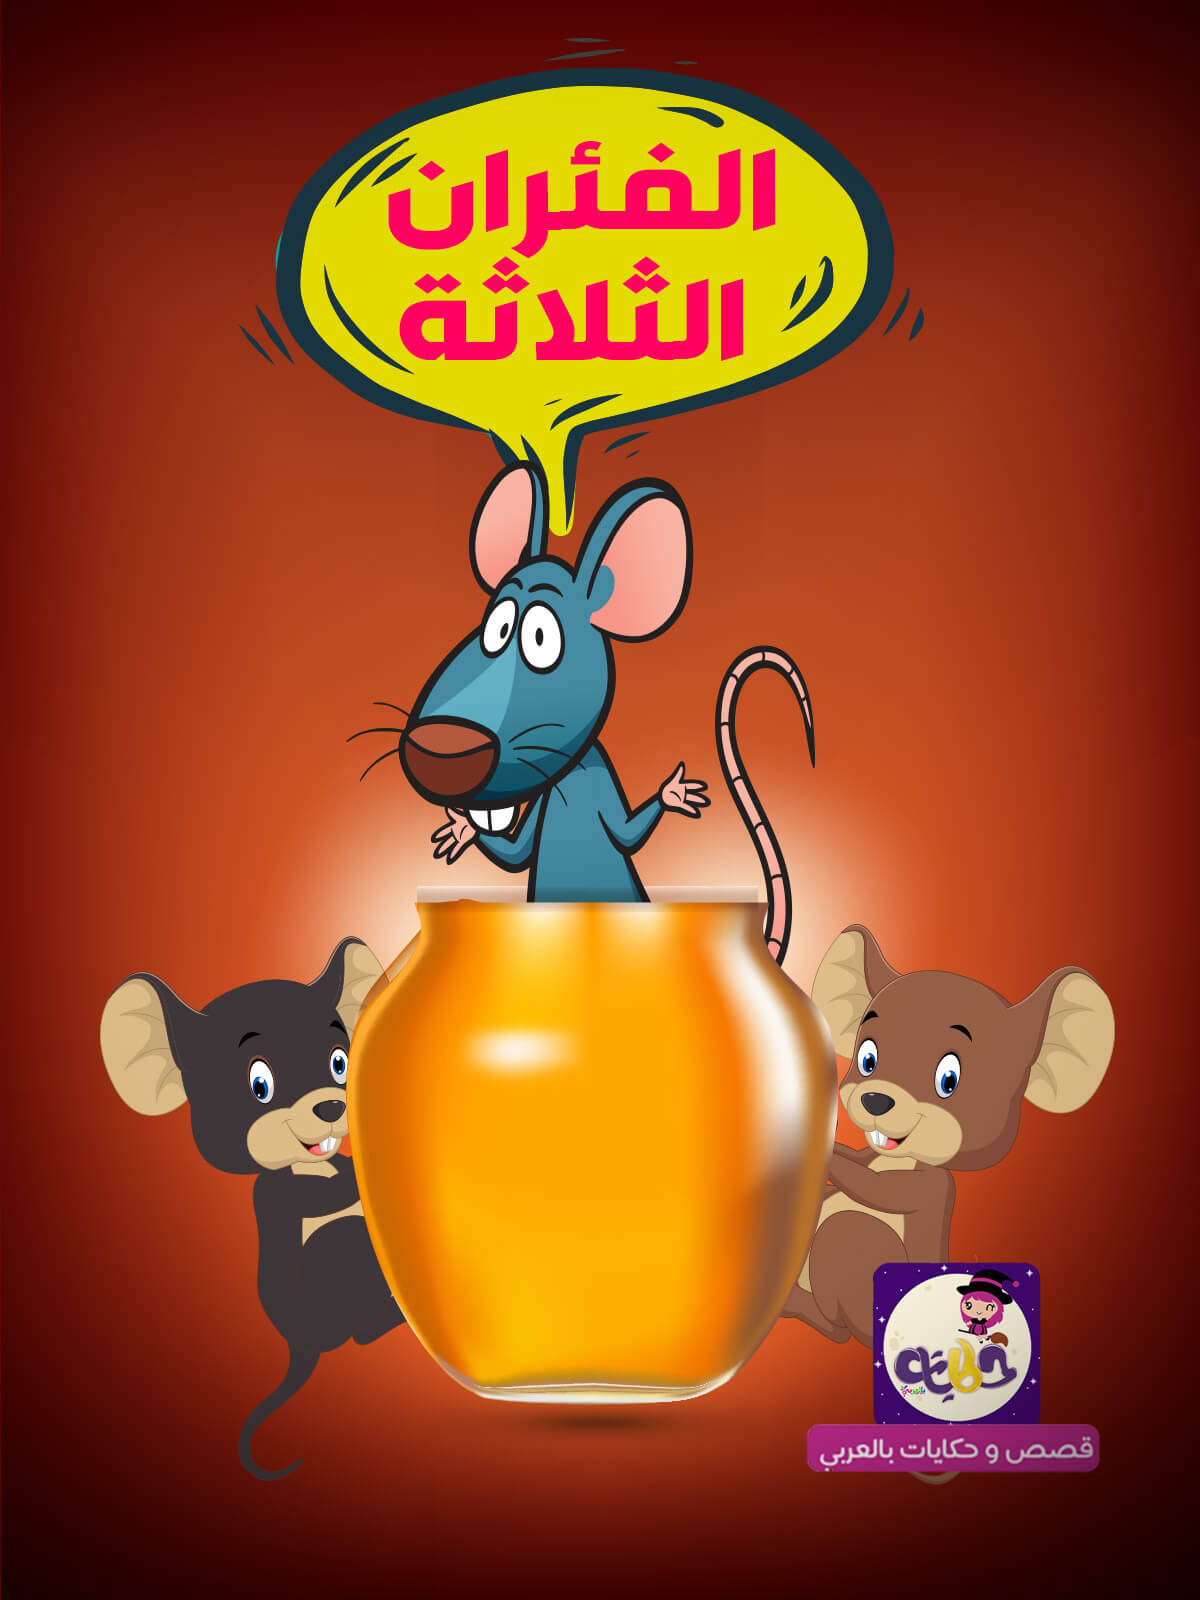 قصة الفئران الثلاثة بالصور قصة مصورة للاطفال عن الأنانية بتطبيق قصص وحكايات بالعربي Arabic Alphabet For Kids Alphabet For Kids Arabic Kids